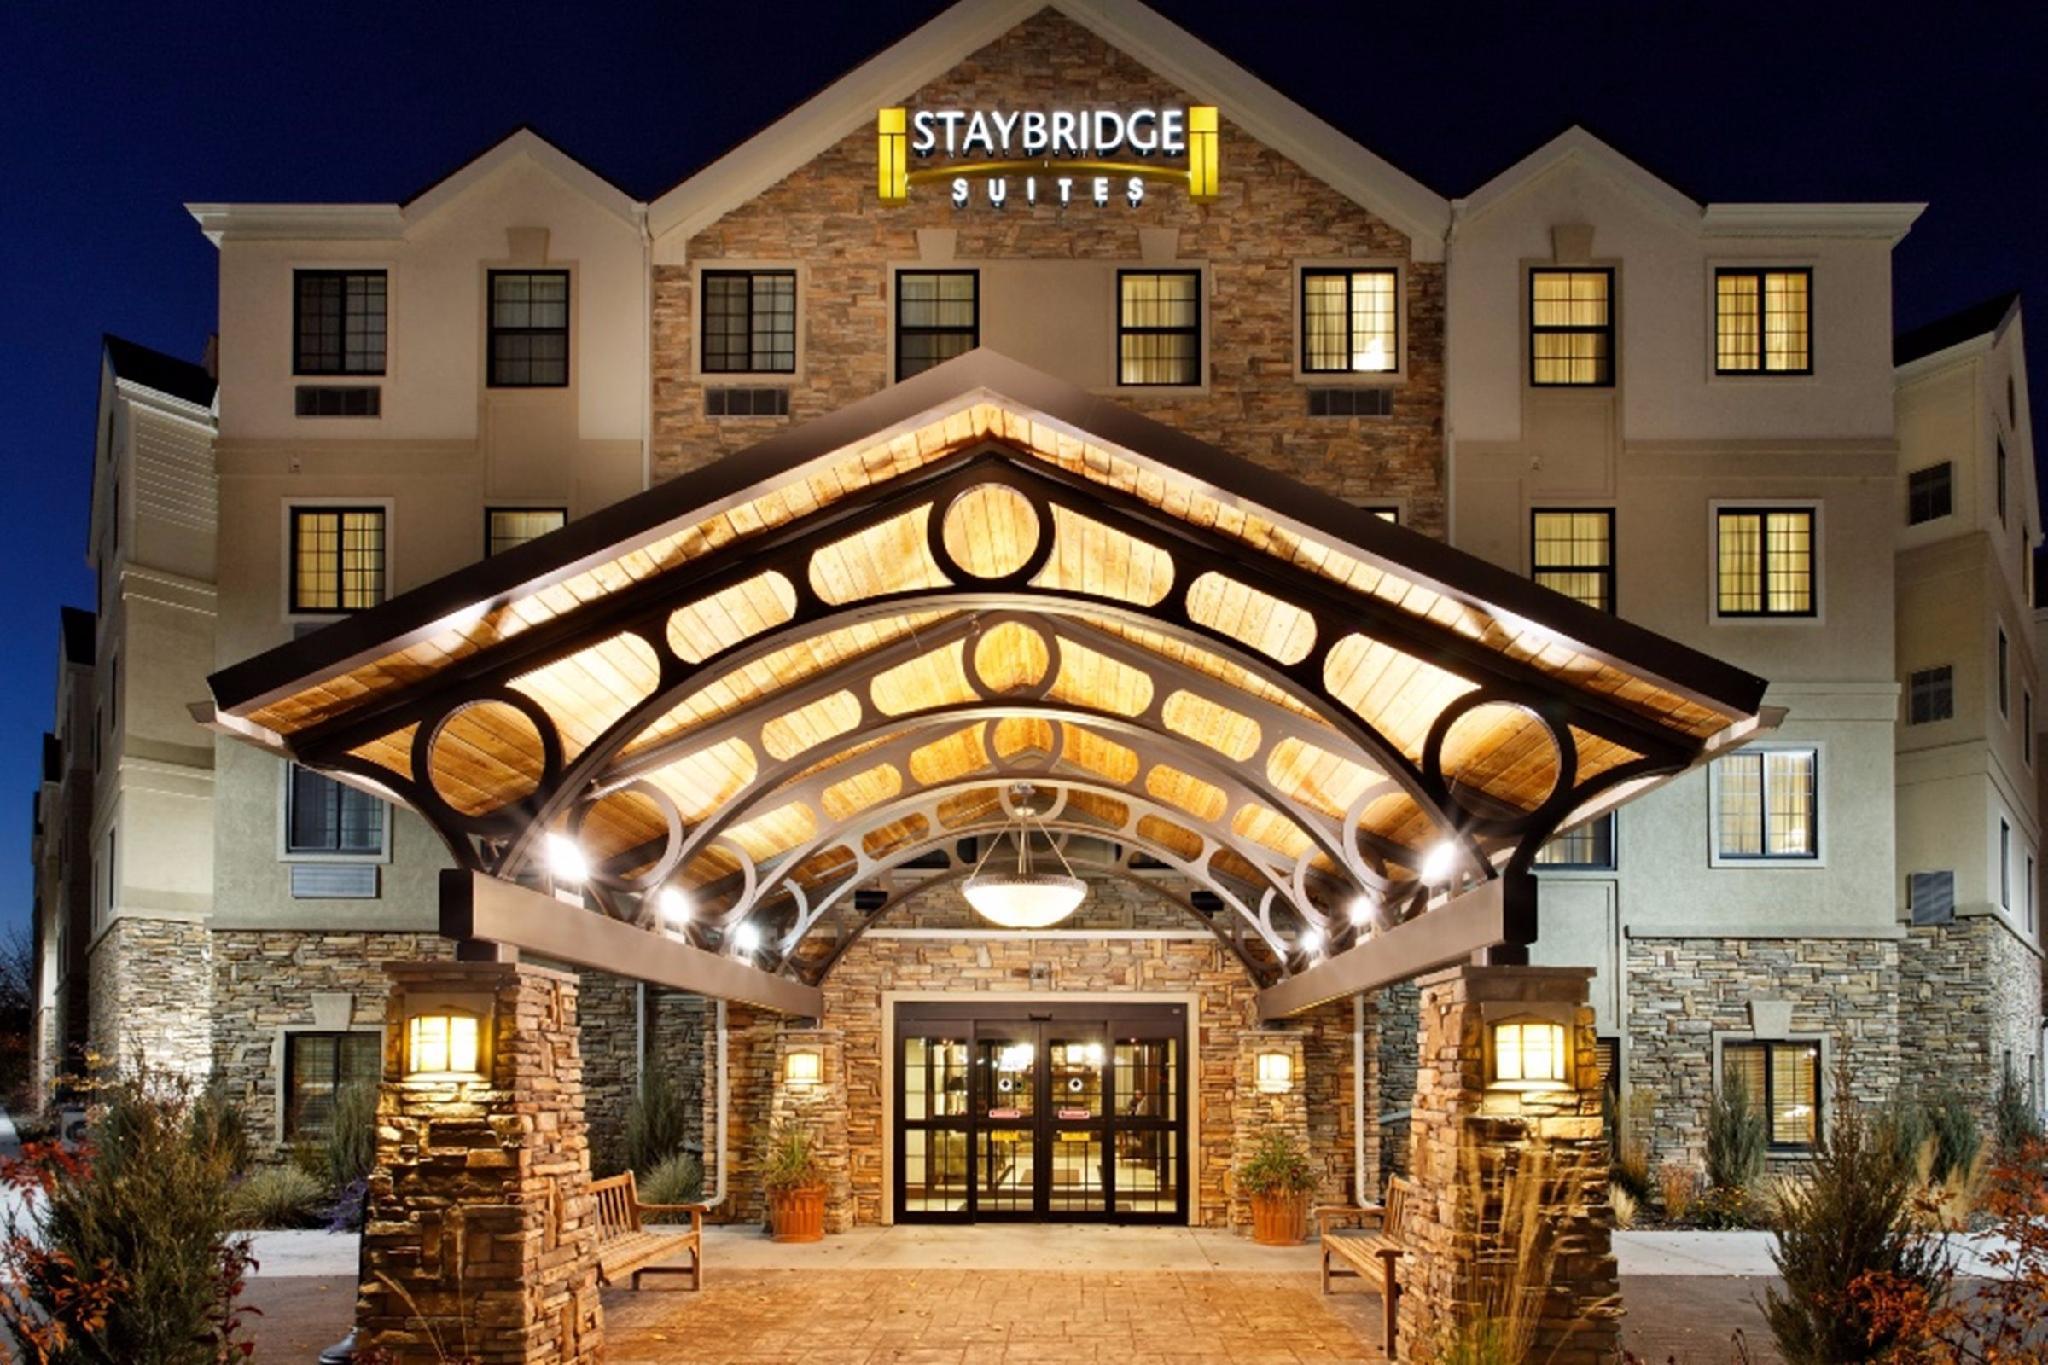 Staybridge Suites   Eau Claire   Altoona